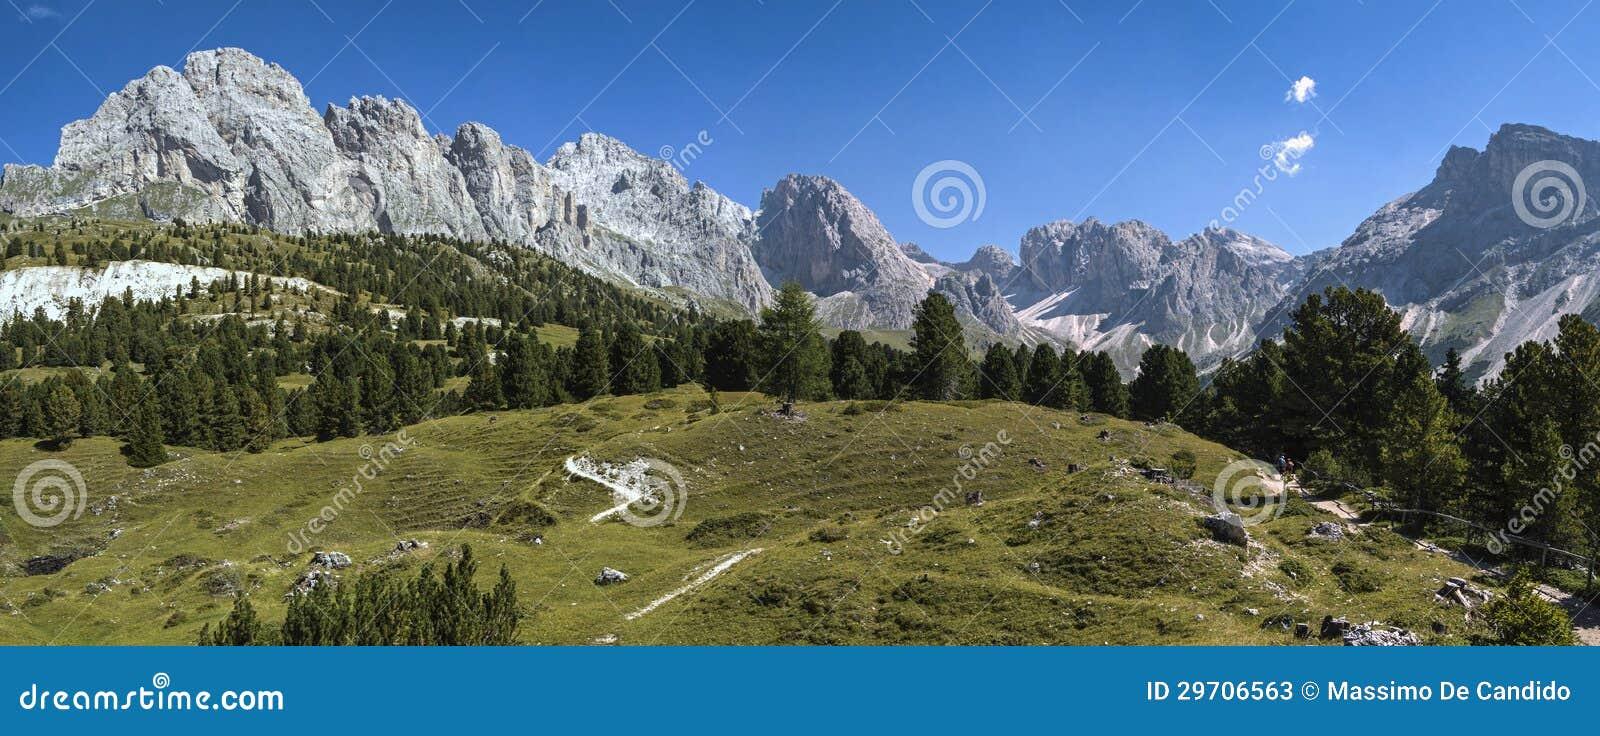 Odle, dolomity - Włochy